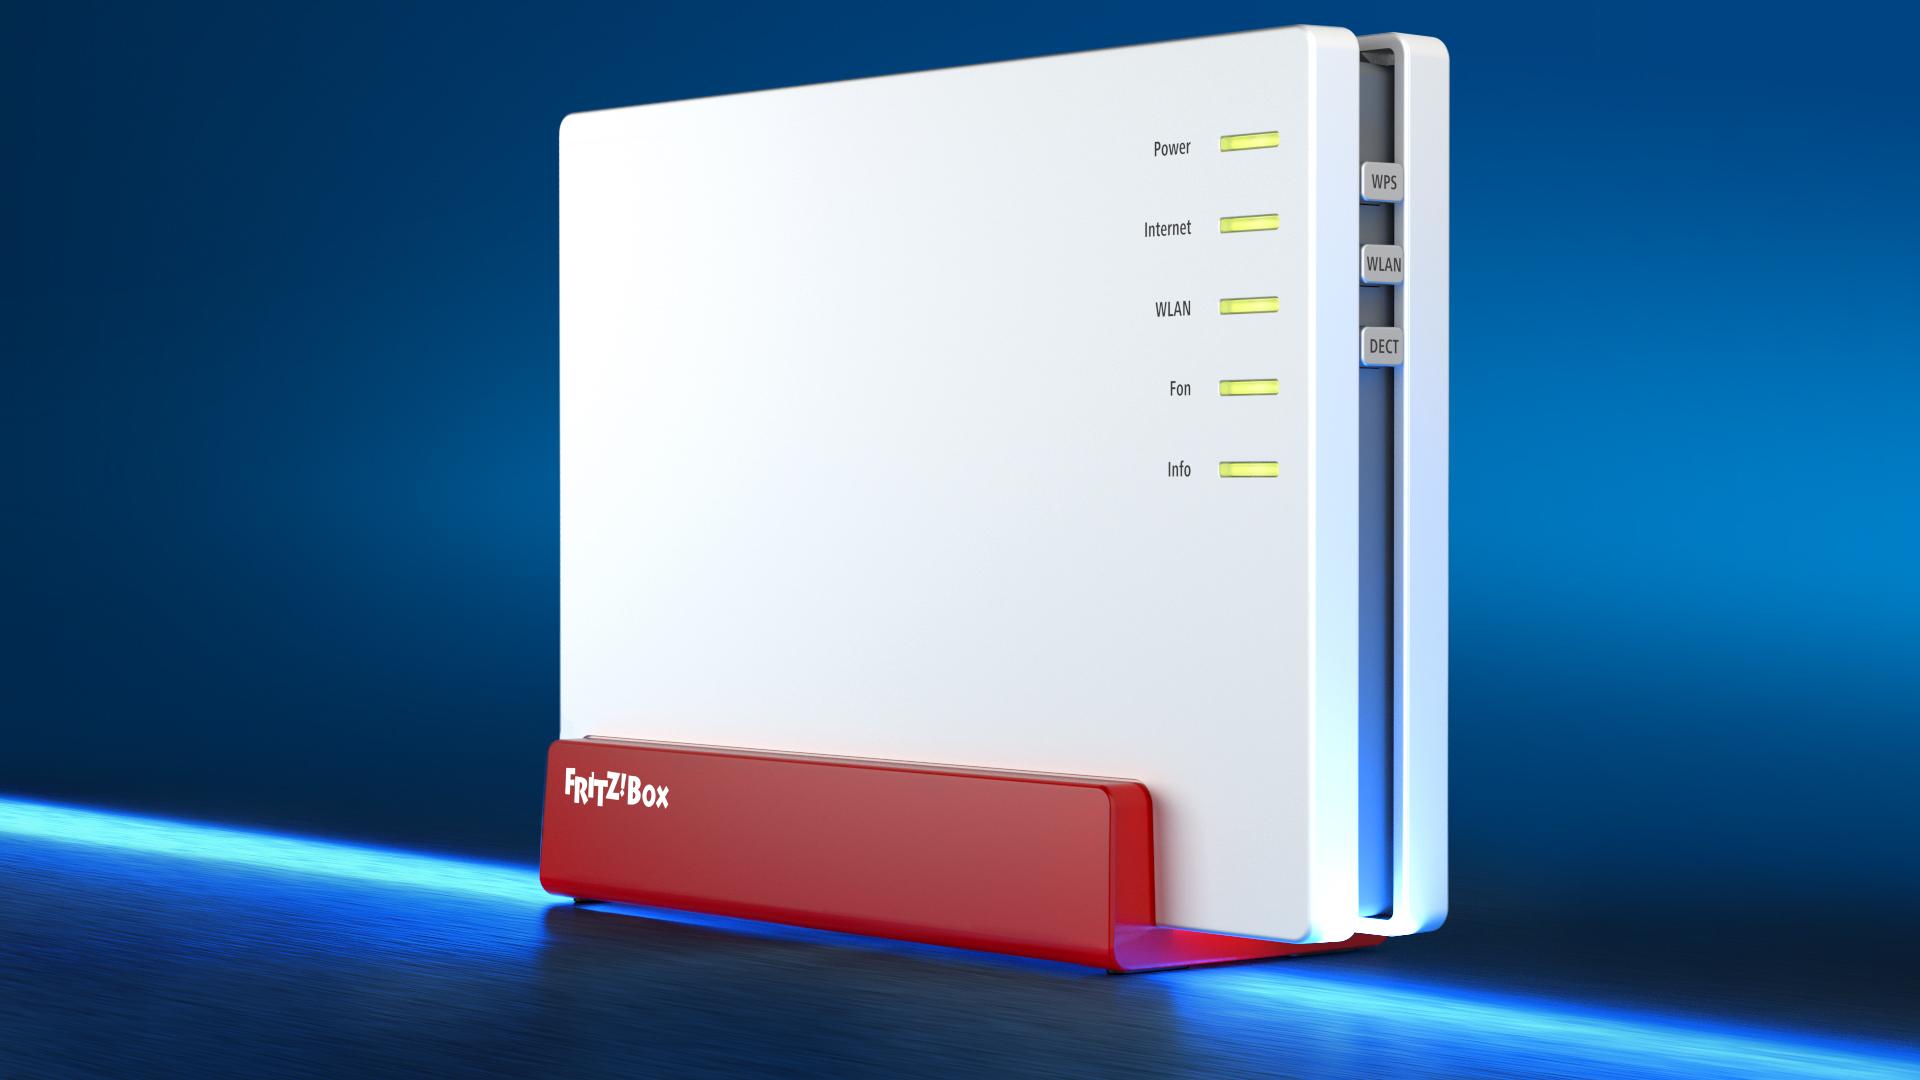 Viele neue FRITZ!-Highlights für schnelles Internet und smarten ...